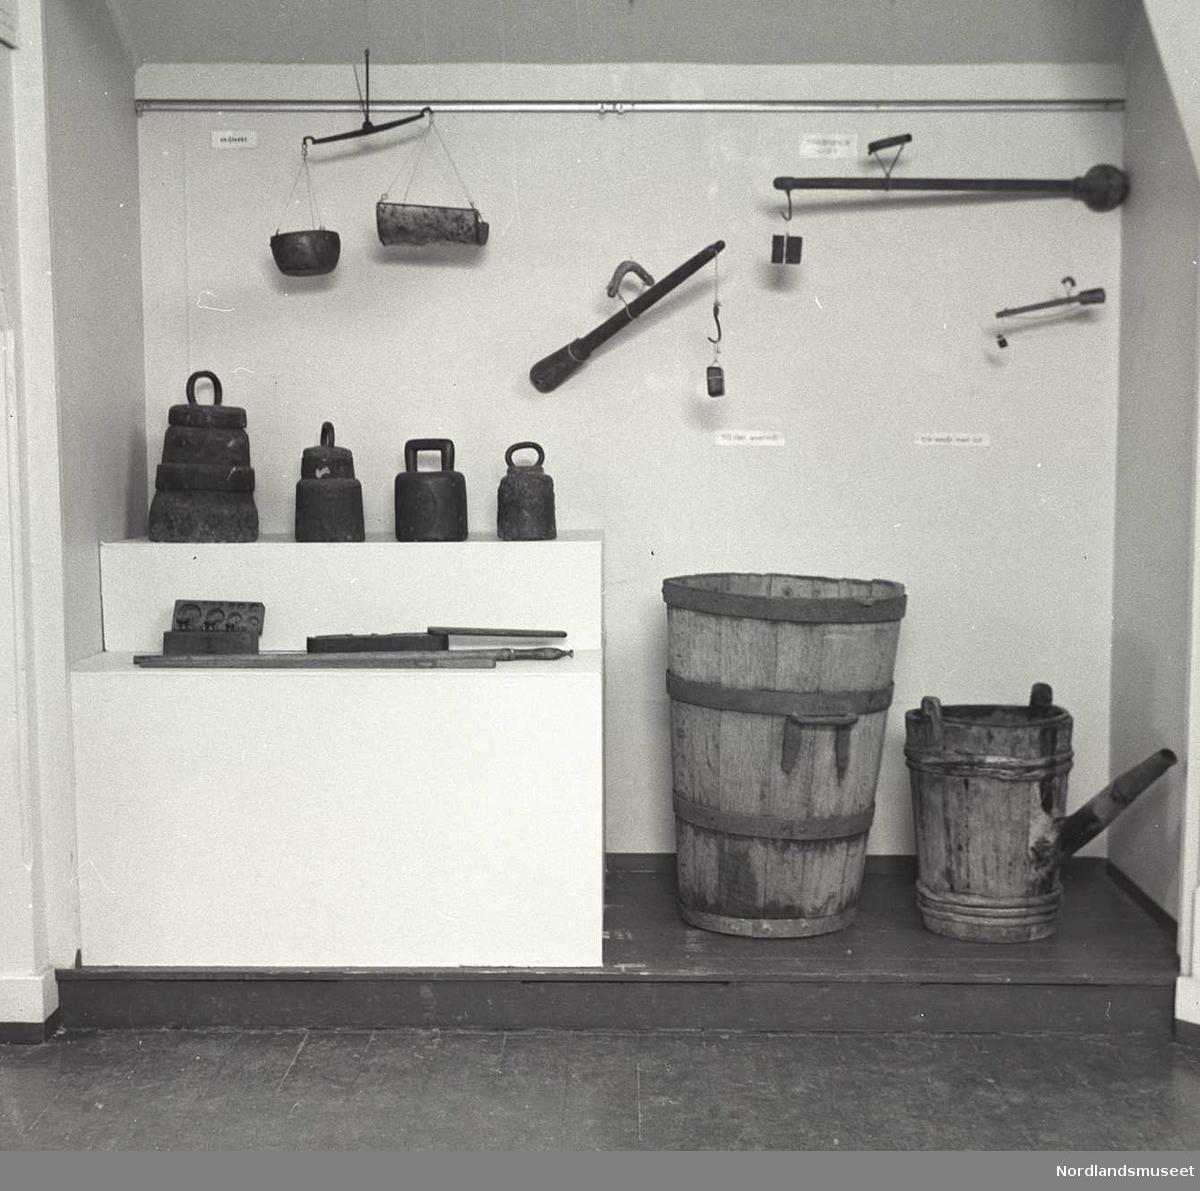 fra utstillinga, mål og redskaper i samlingen, på Nordlands- museet. Bildet mangler i arkivet.